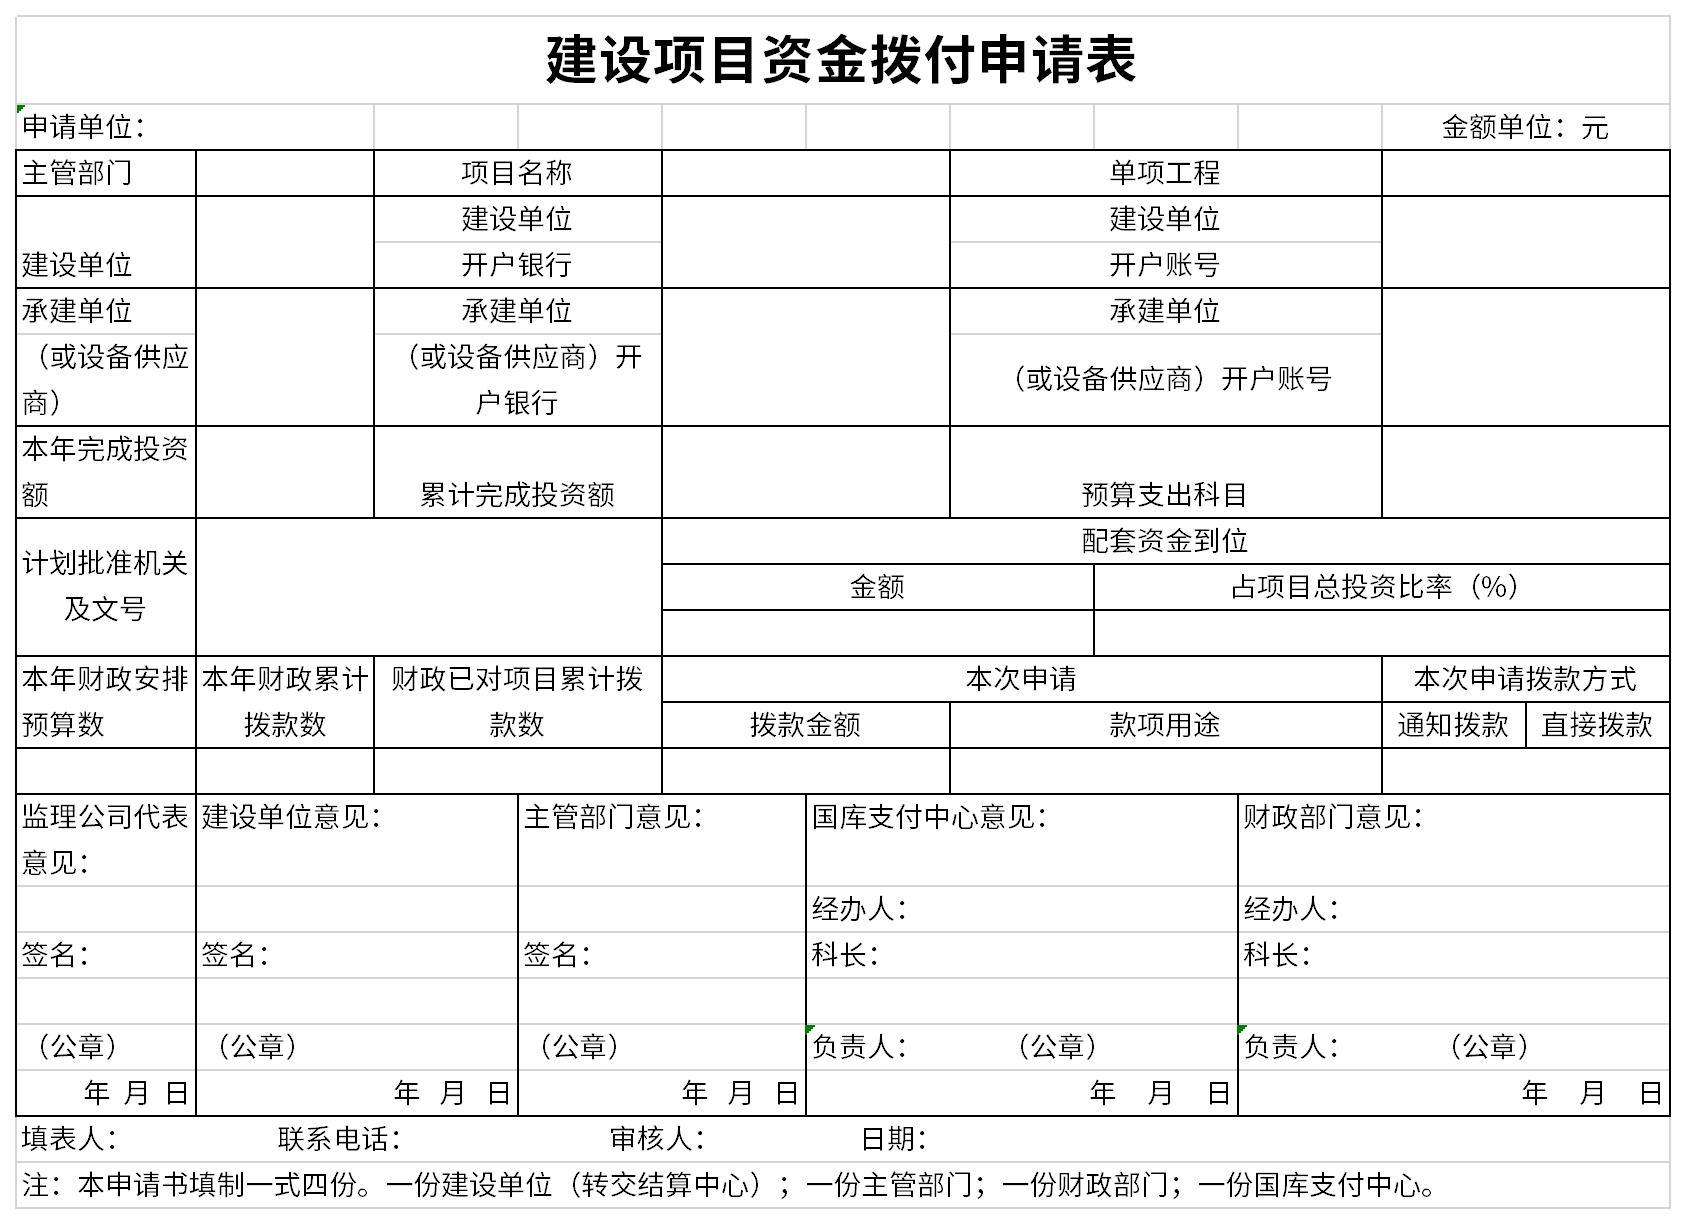 建设项目资金拨付申请表截图